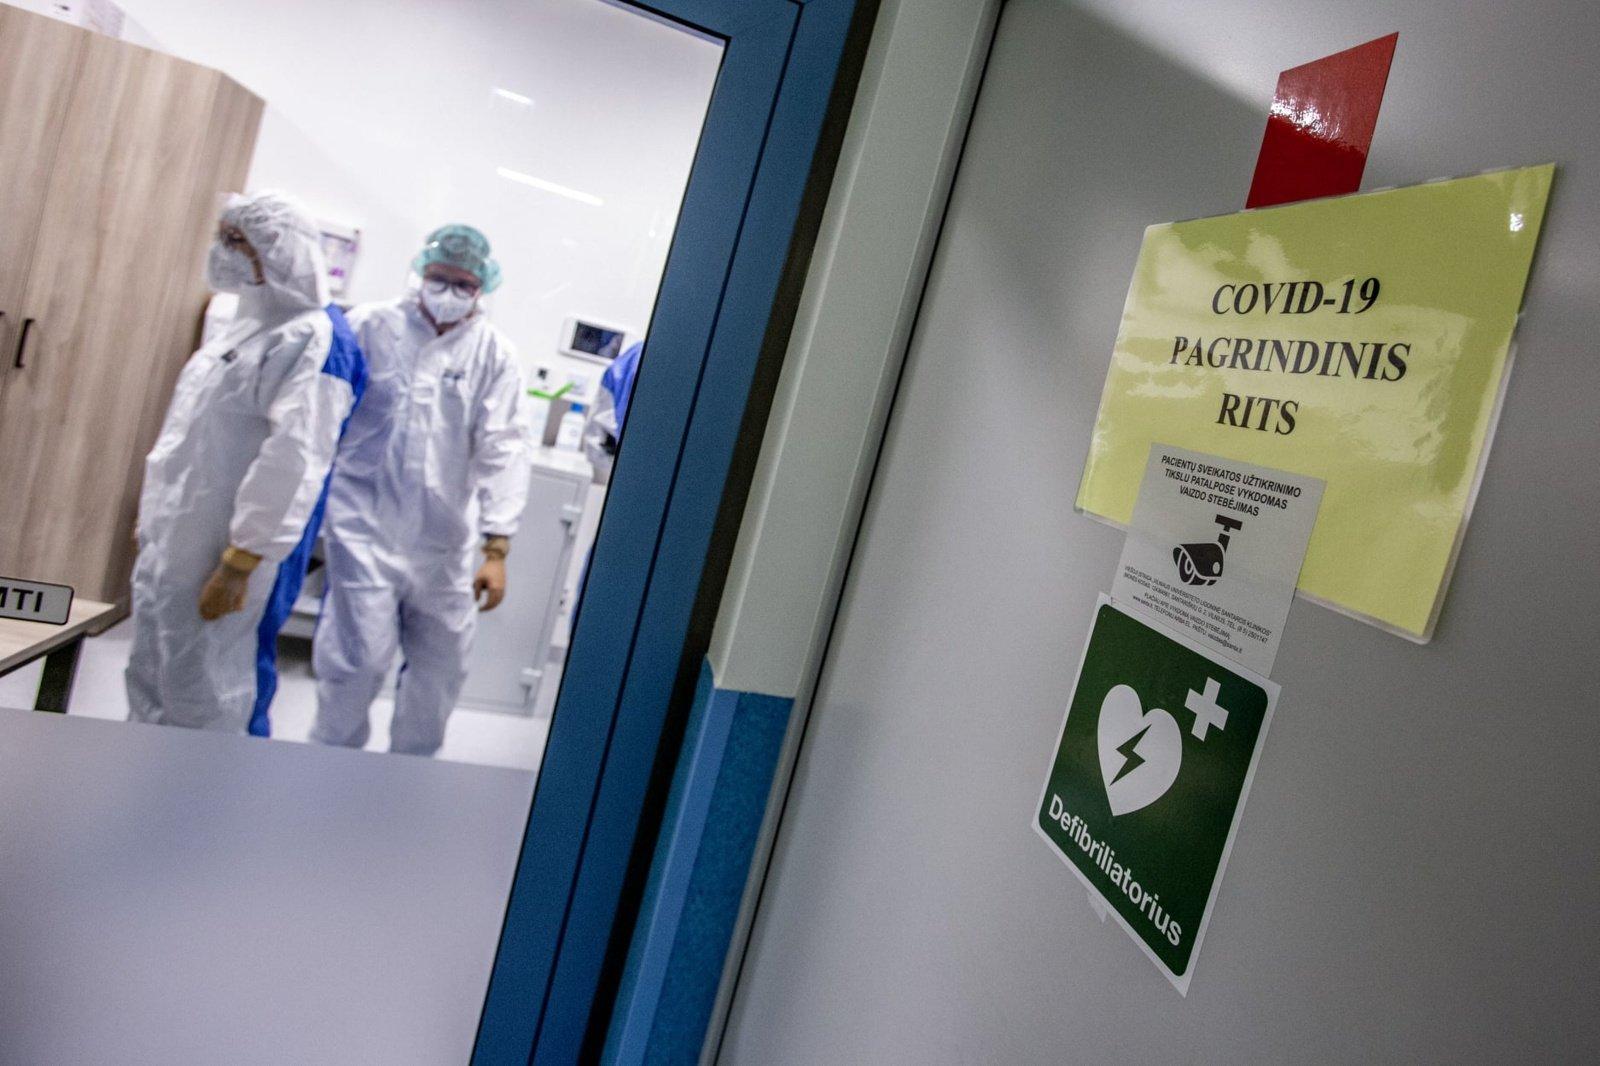 Vilniaus regione užimta apie 75 procentai lovų COVID-19 pacientams